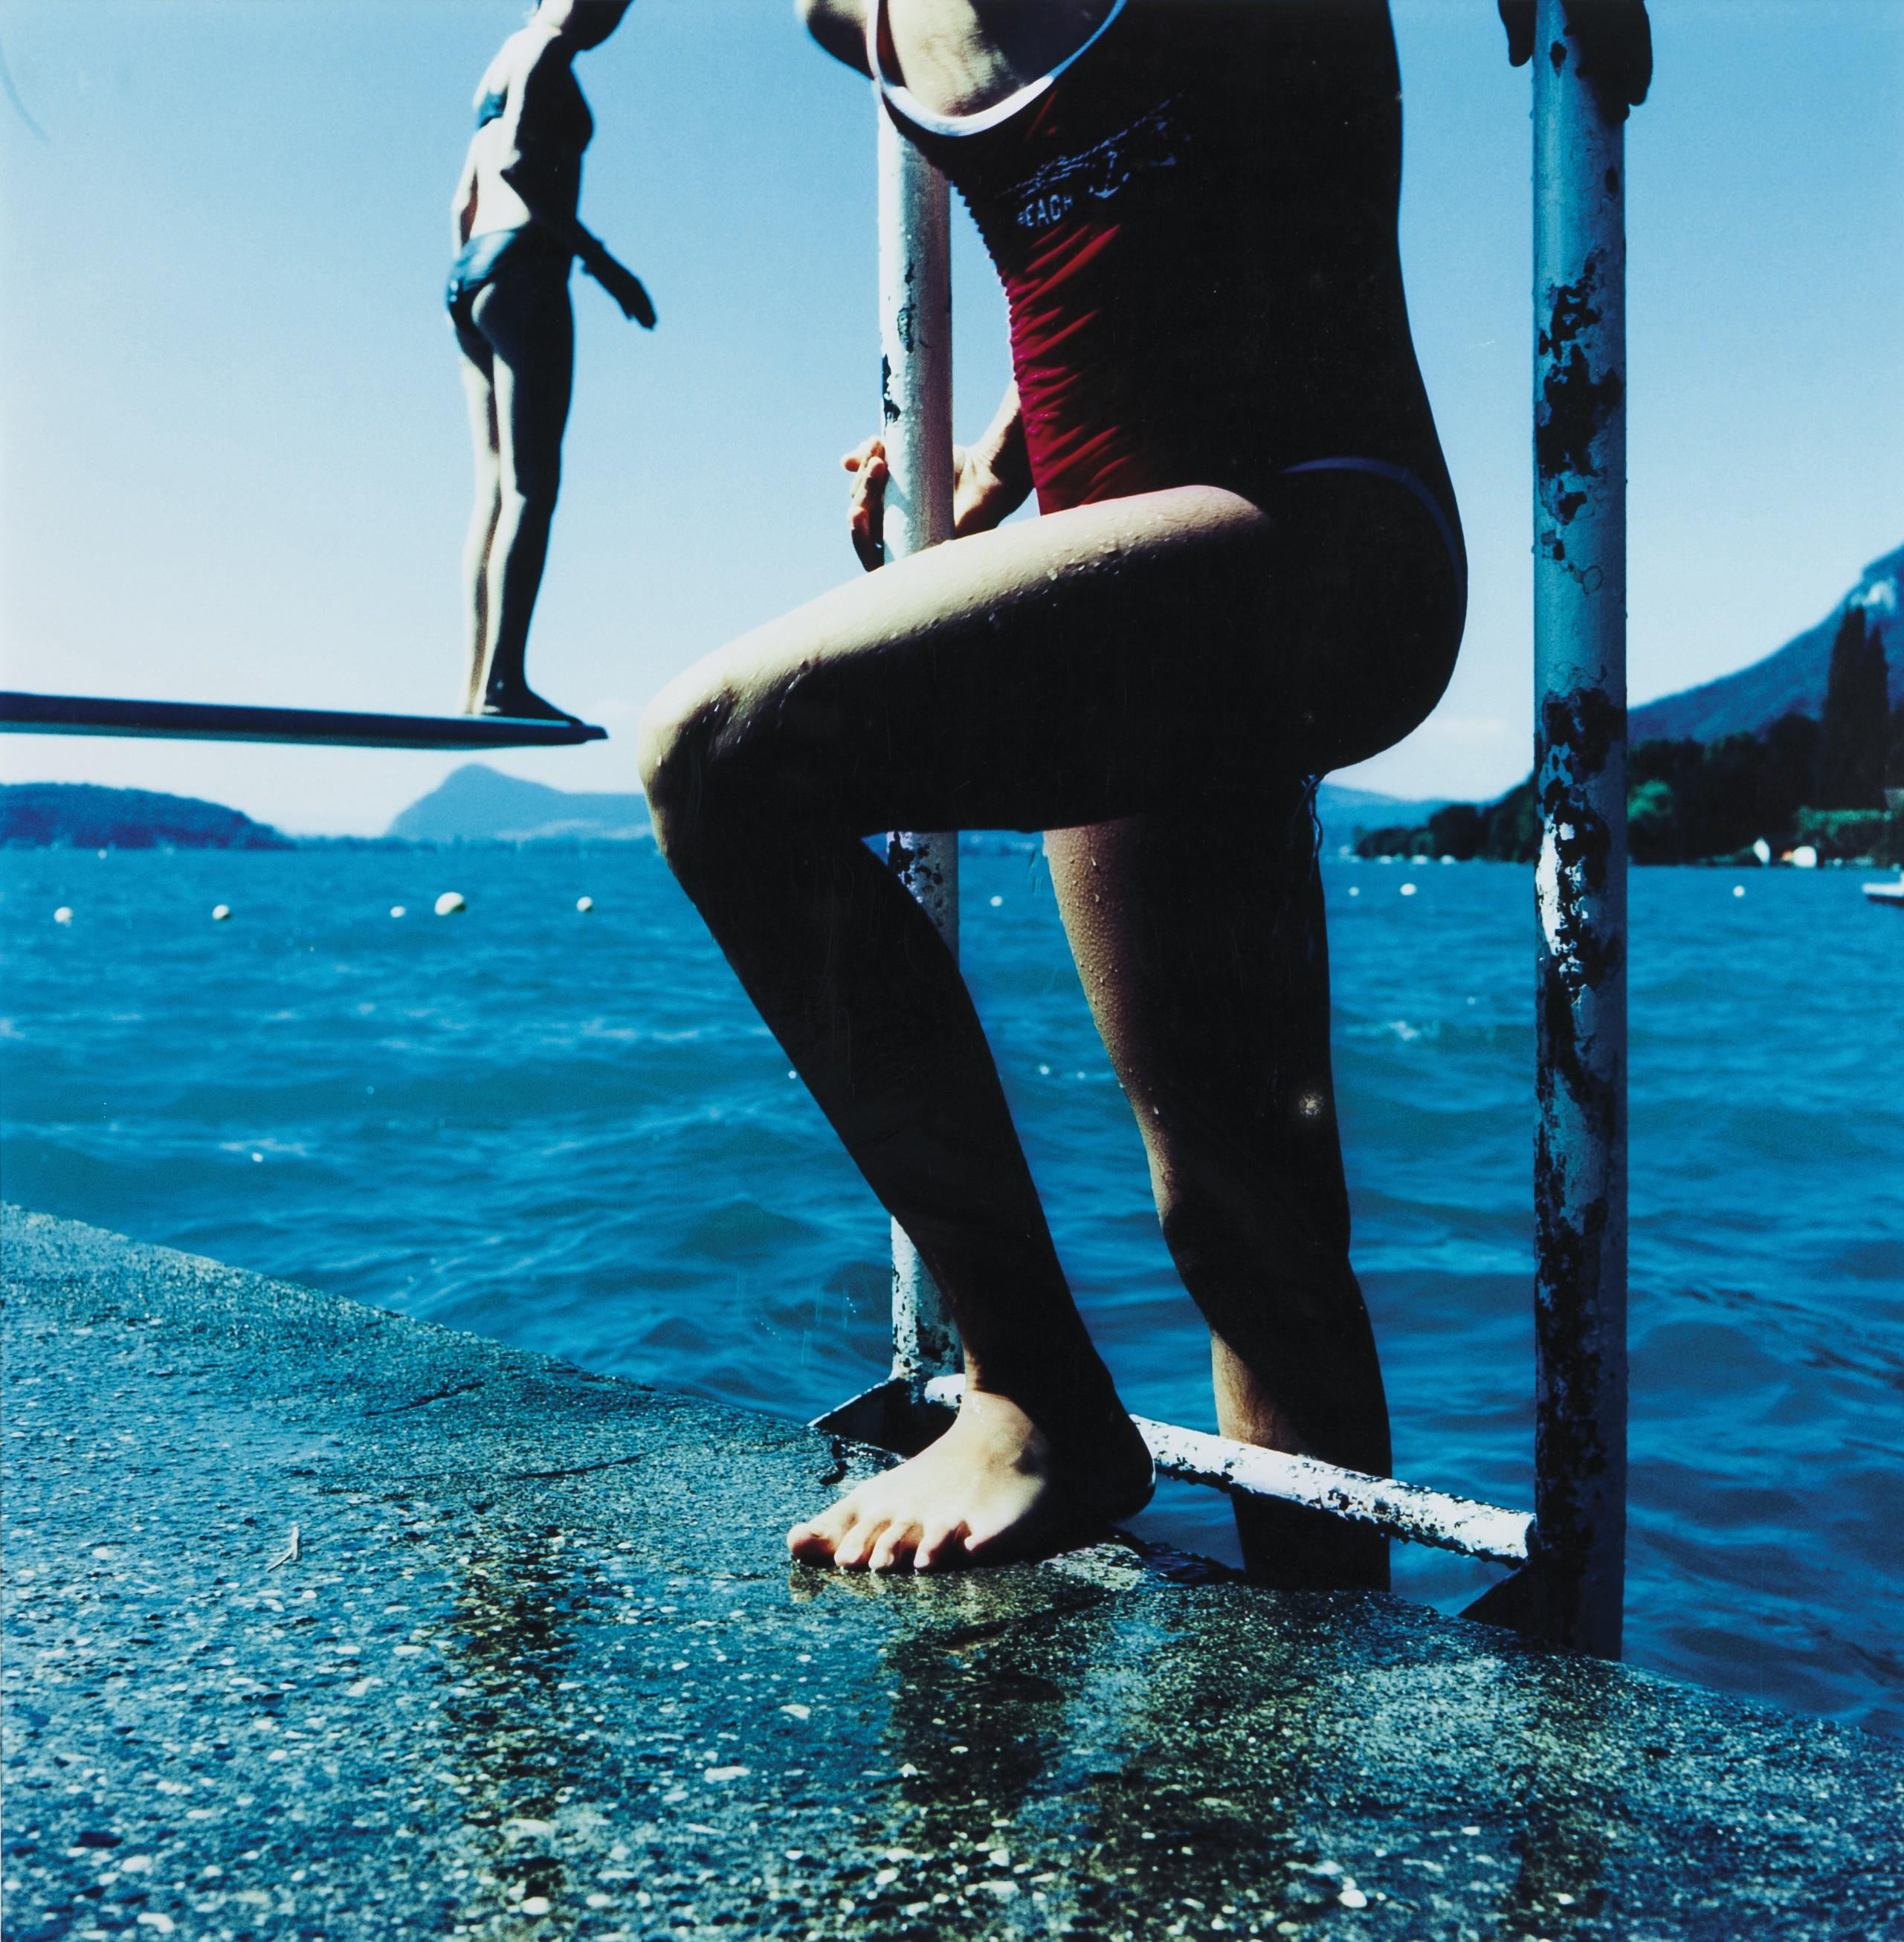 Sem título #14 (Annecy, France, 2002) - Karine Laval (n. 1971)